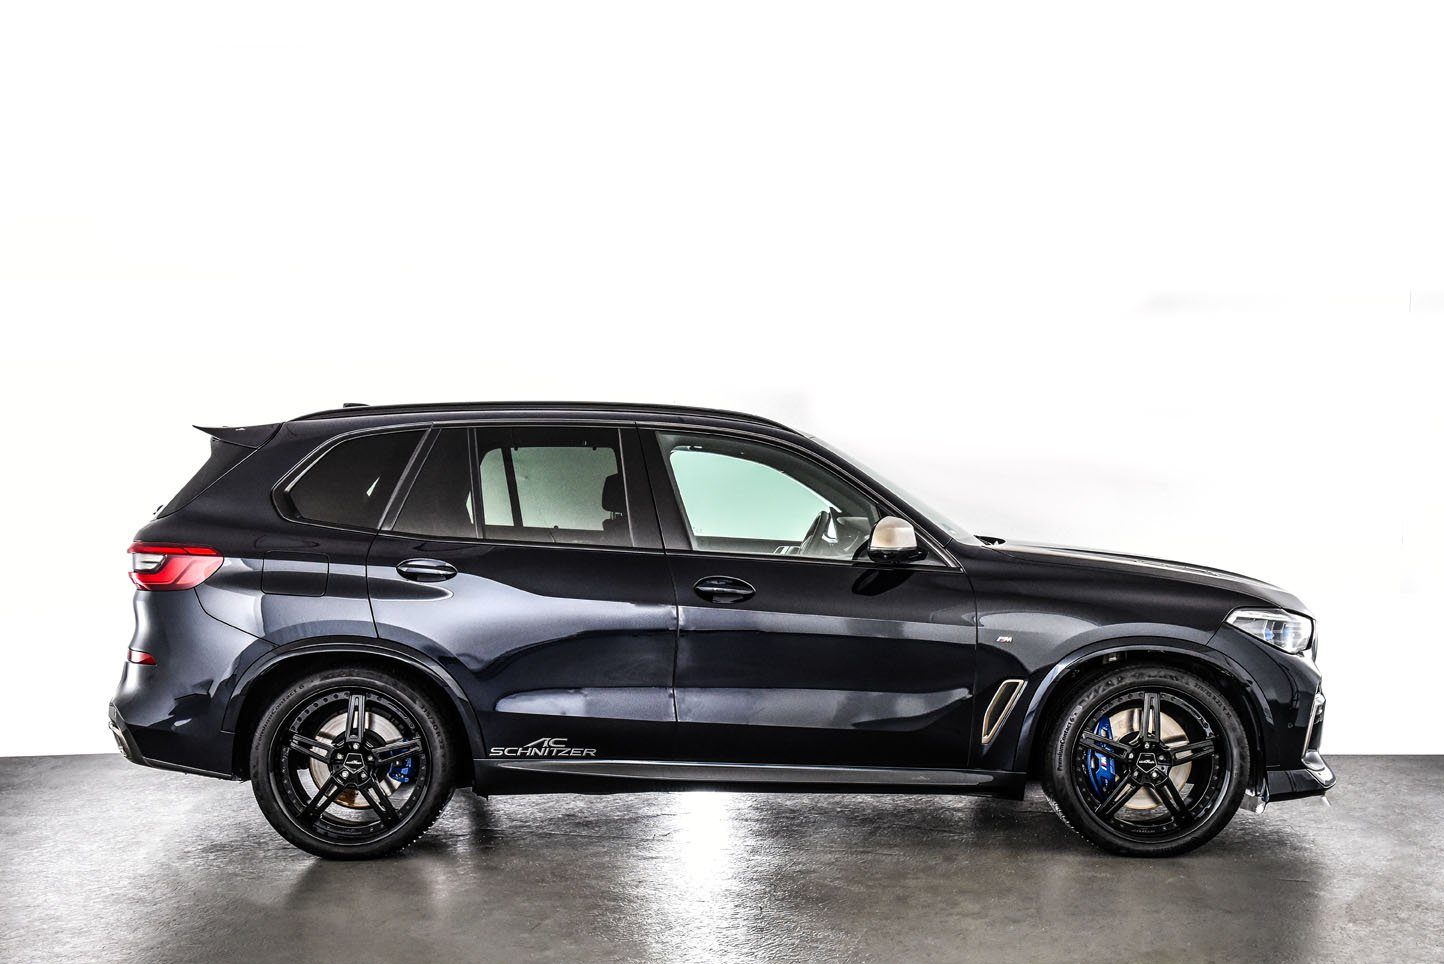 BMW-X5-by-AC-Schnitzer-2019-23